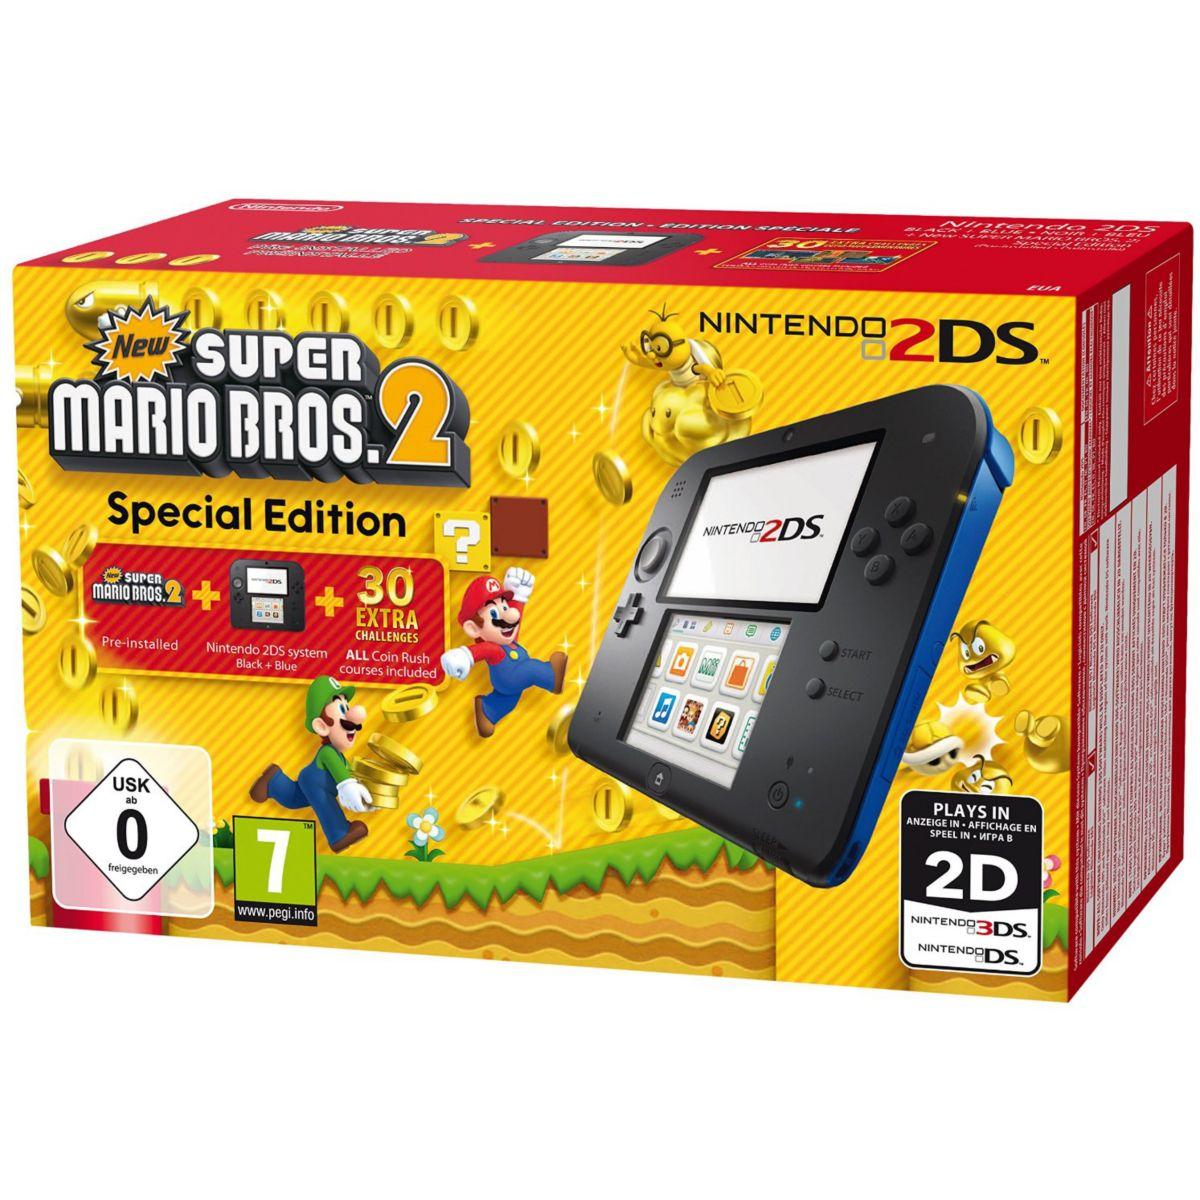 Console NINTENDO 2DS Noir/Bleu + New Super Mario Bros 2